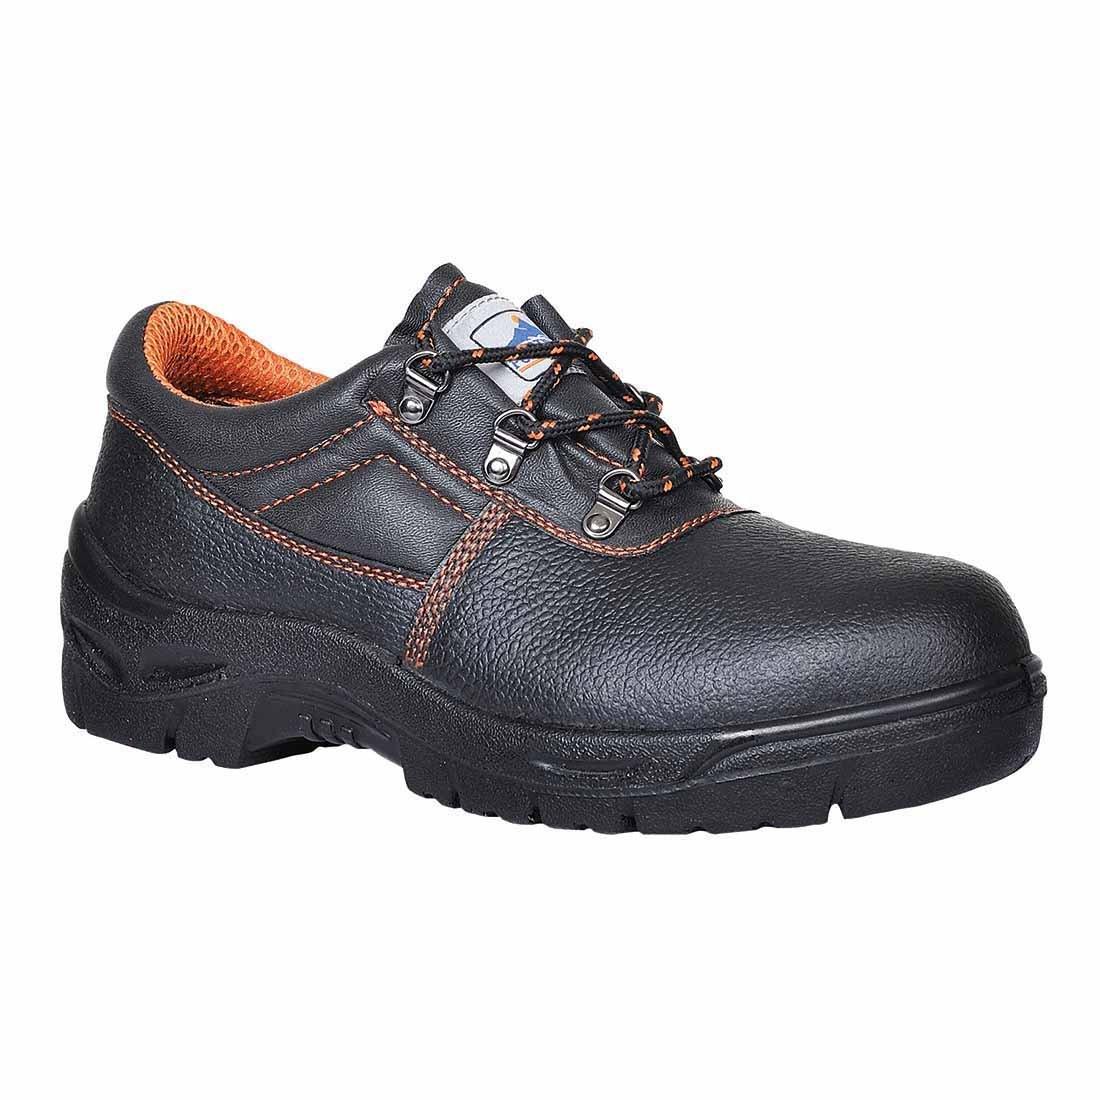 SUW - Steelite Ultra Workwear - Zapatos de seguridad S1P, EU 44 - UK 10, negro, 1: Amazon.es: Industria, empresas y ciencia